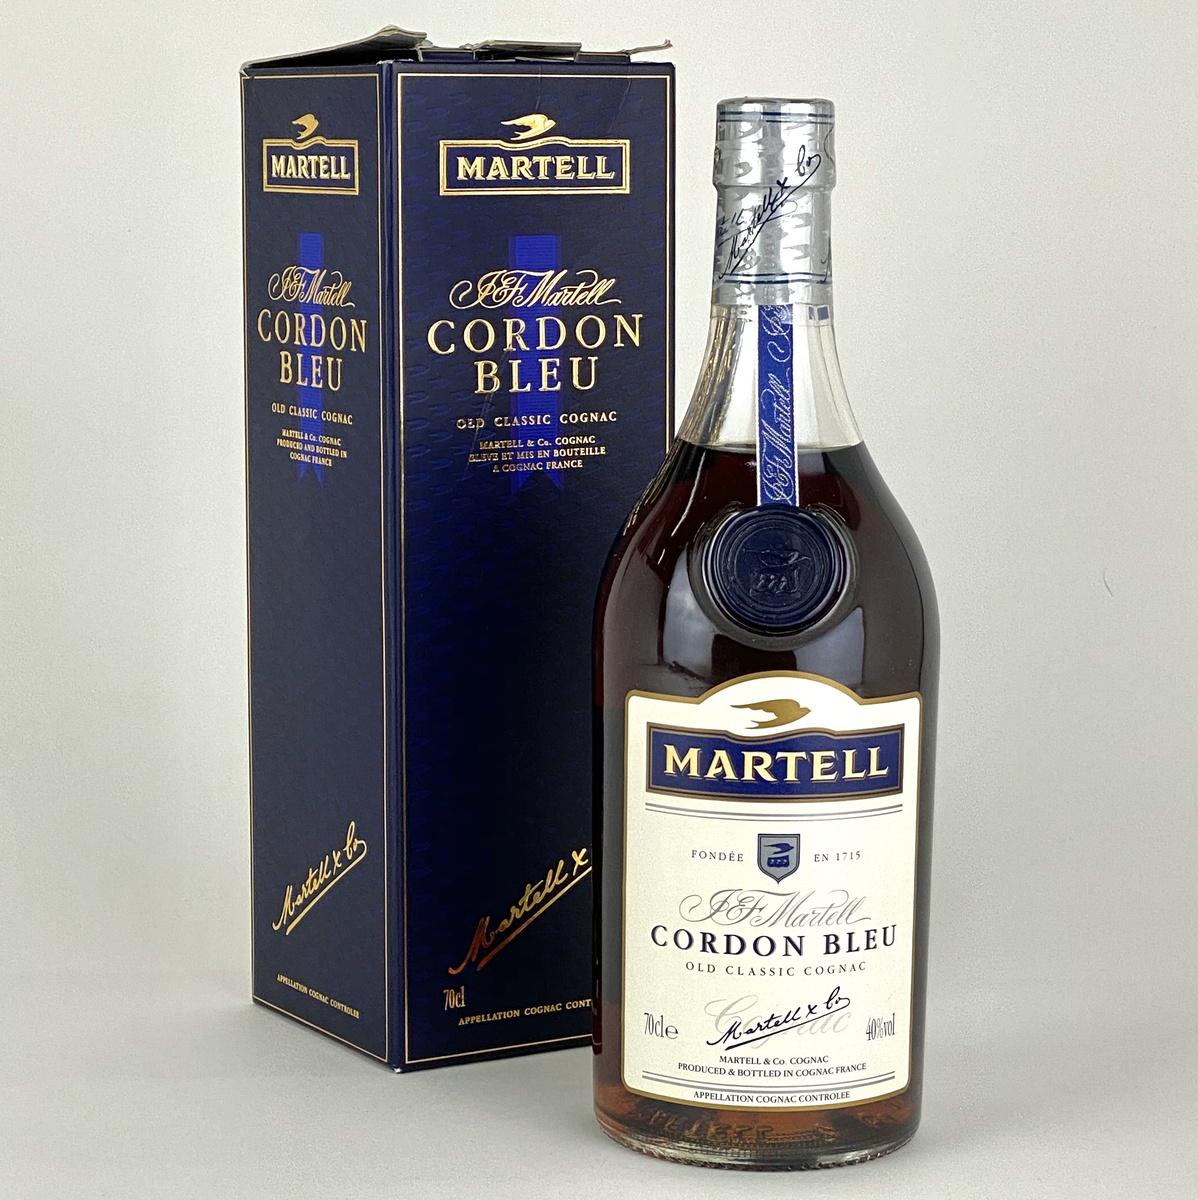 マーテル MARTELL コルドンブルー オールドクラッシック 700ml ブランデー コニャック 【古酒】